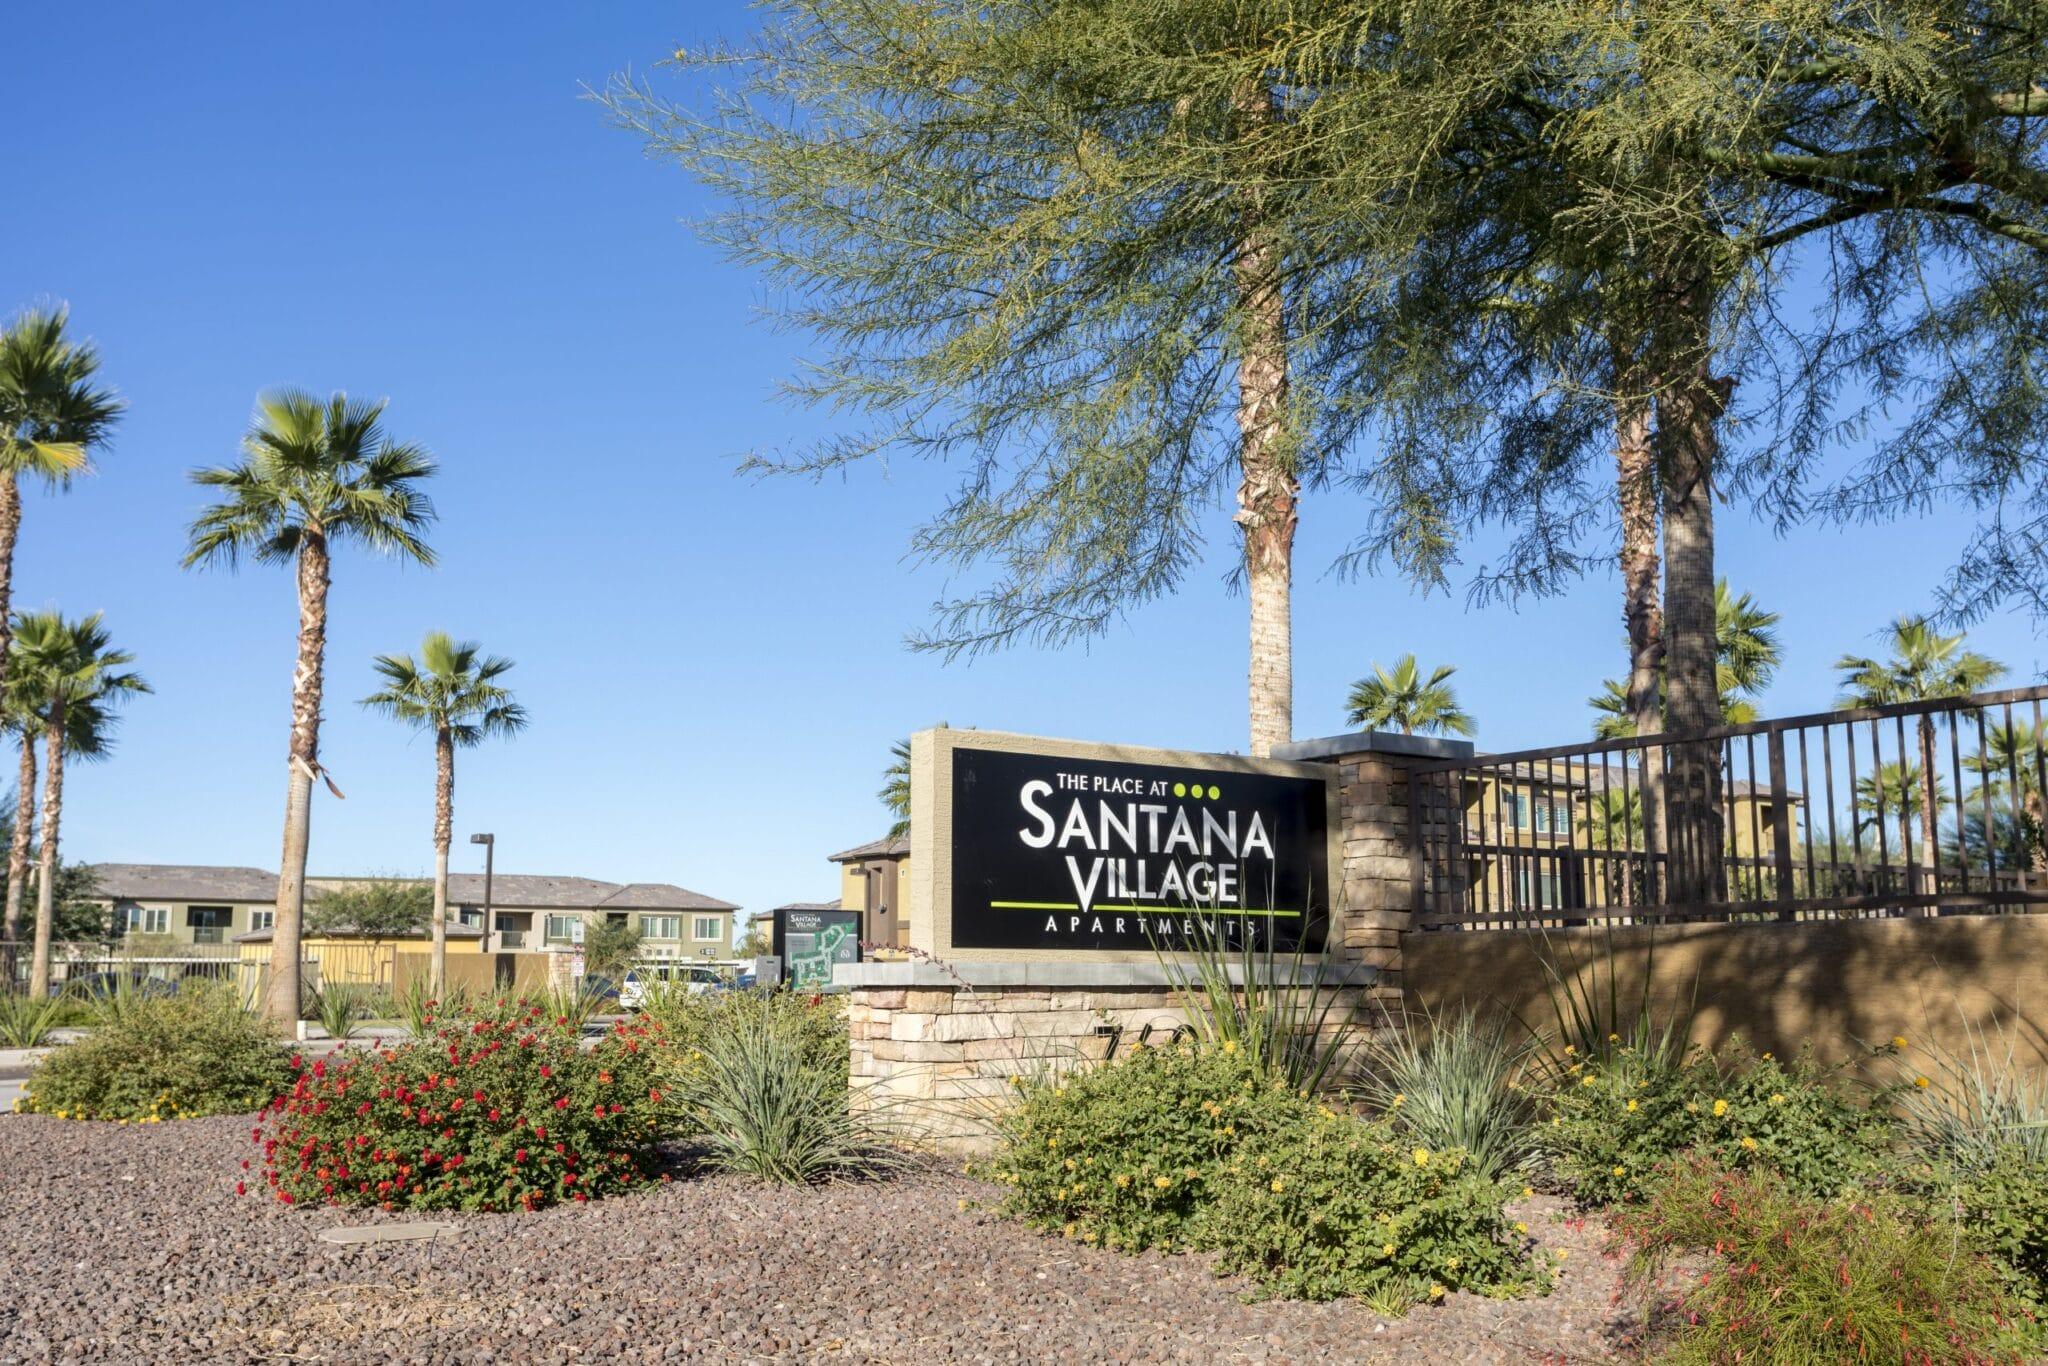 2017-12-12 The Place at Santana Village-1